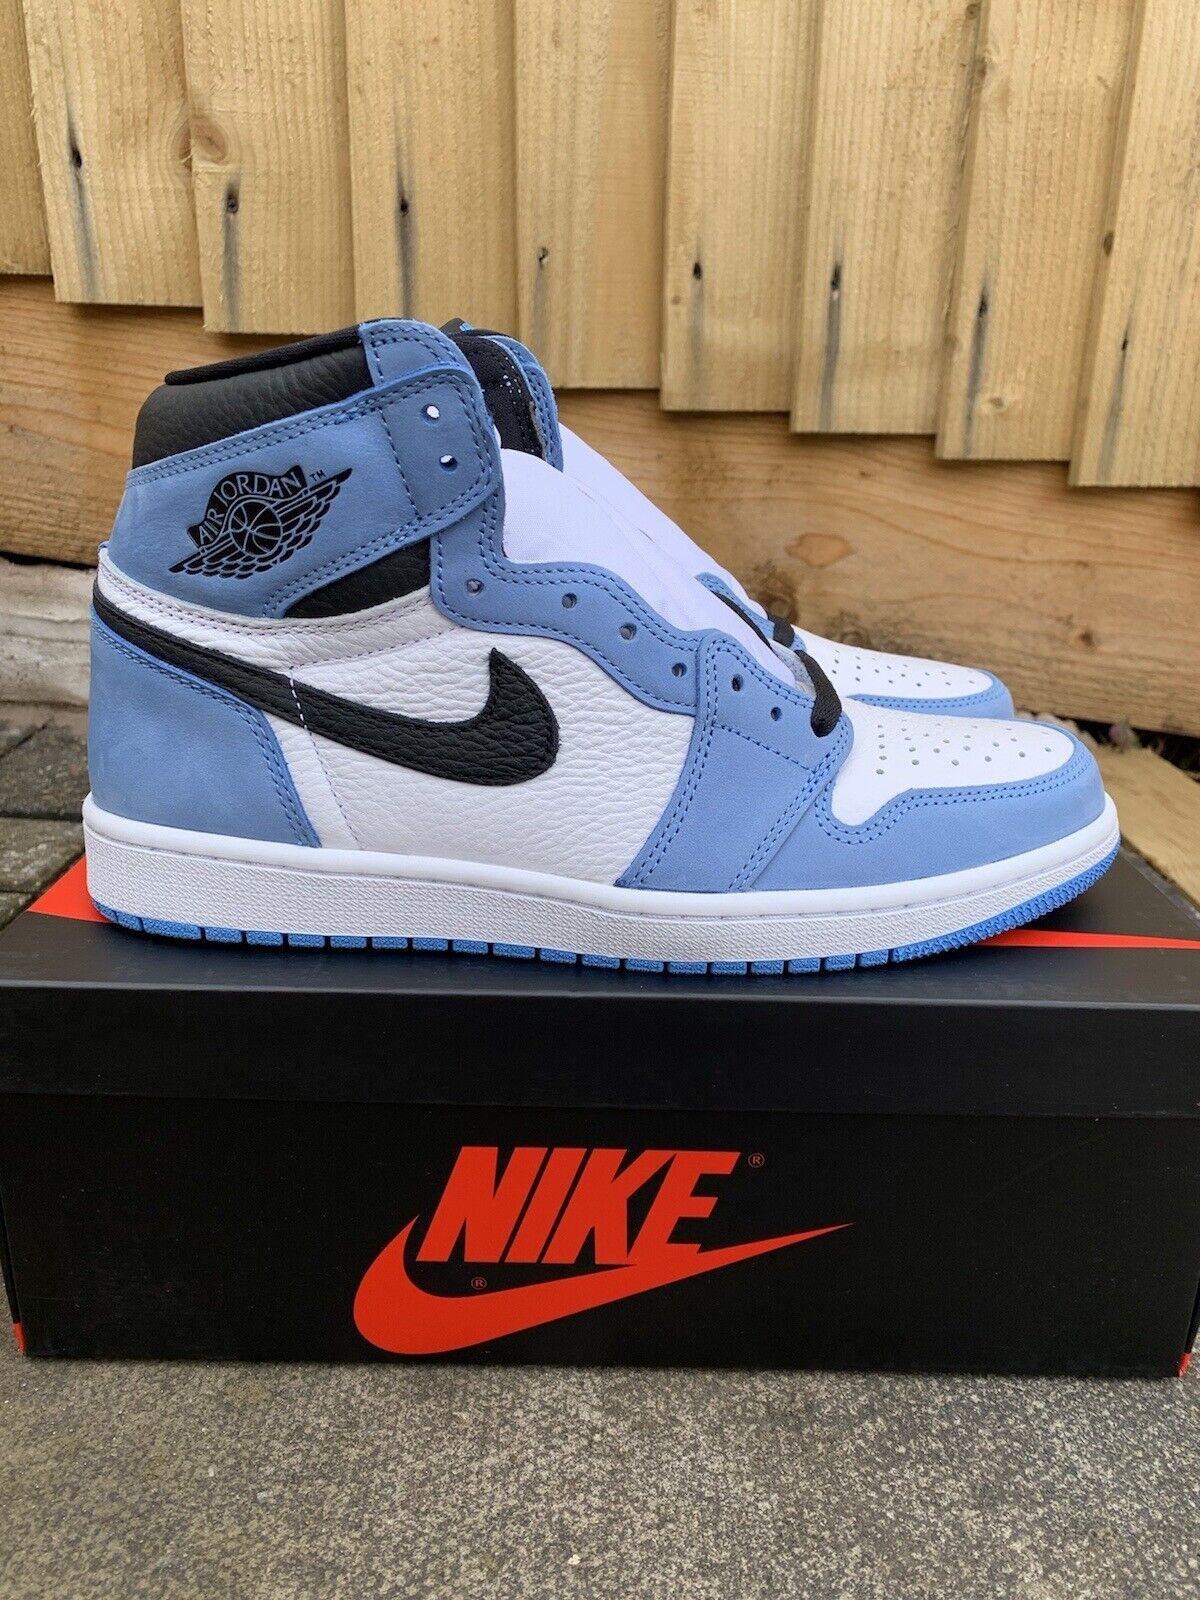 Jordan 1 Retro High White University Blue Black UK 8.5 Brand New